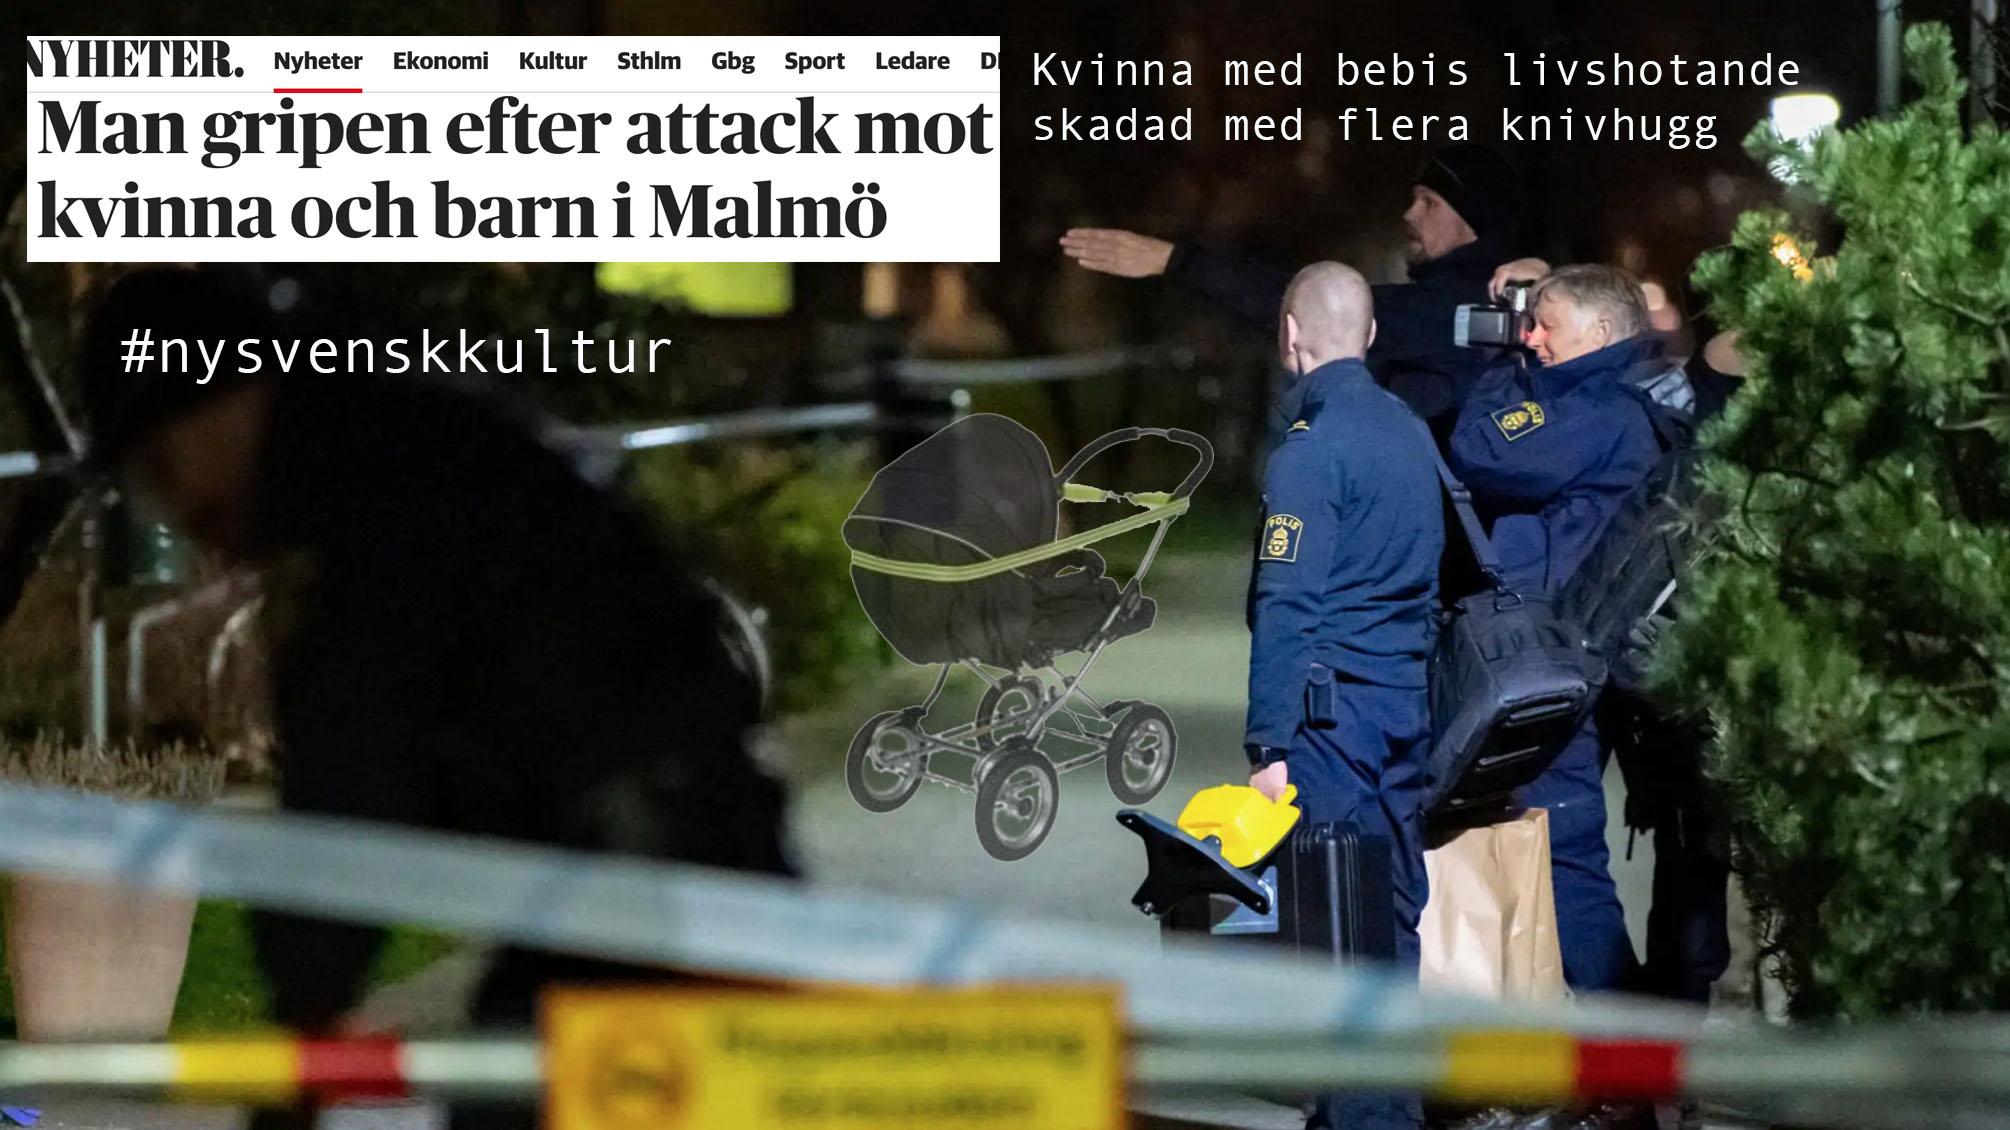 Knivhugga mamma och bebis? Inga problem. #nysvenskkultur i Malmö